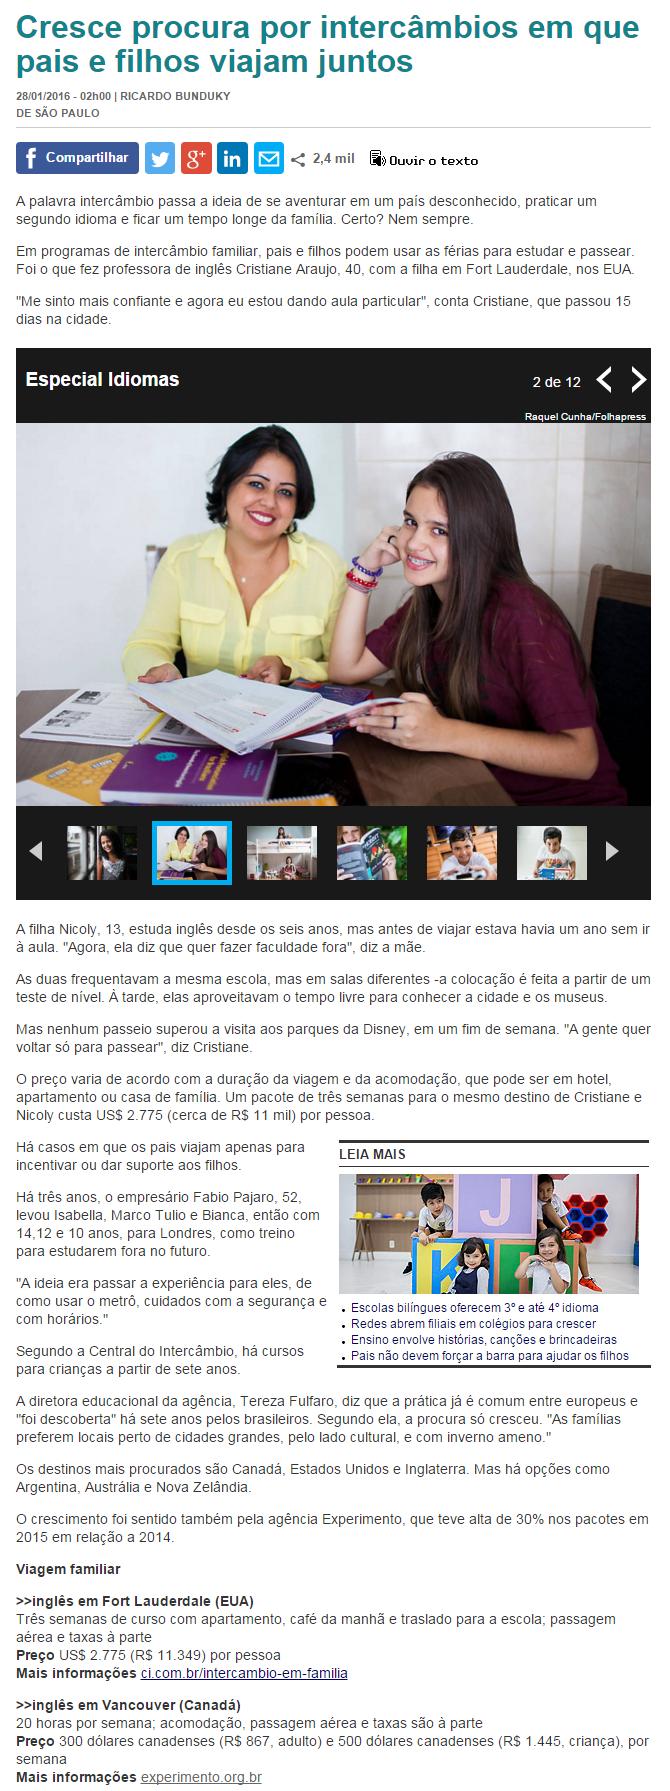 Folha_de_SP_online_280116